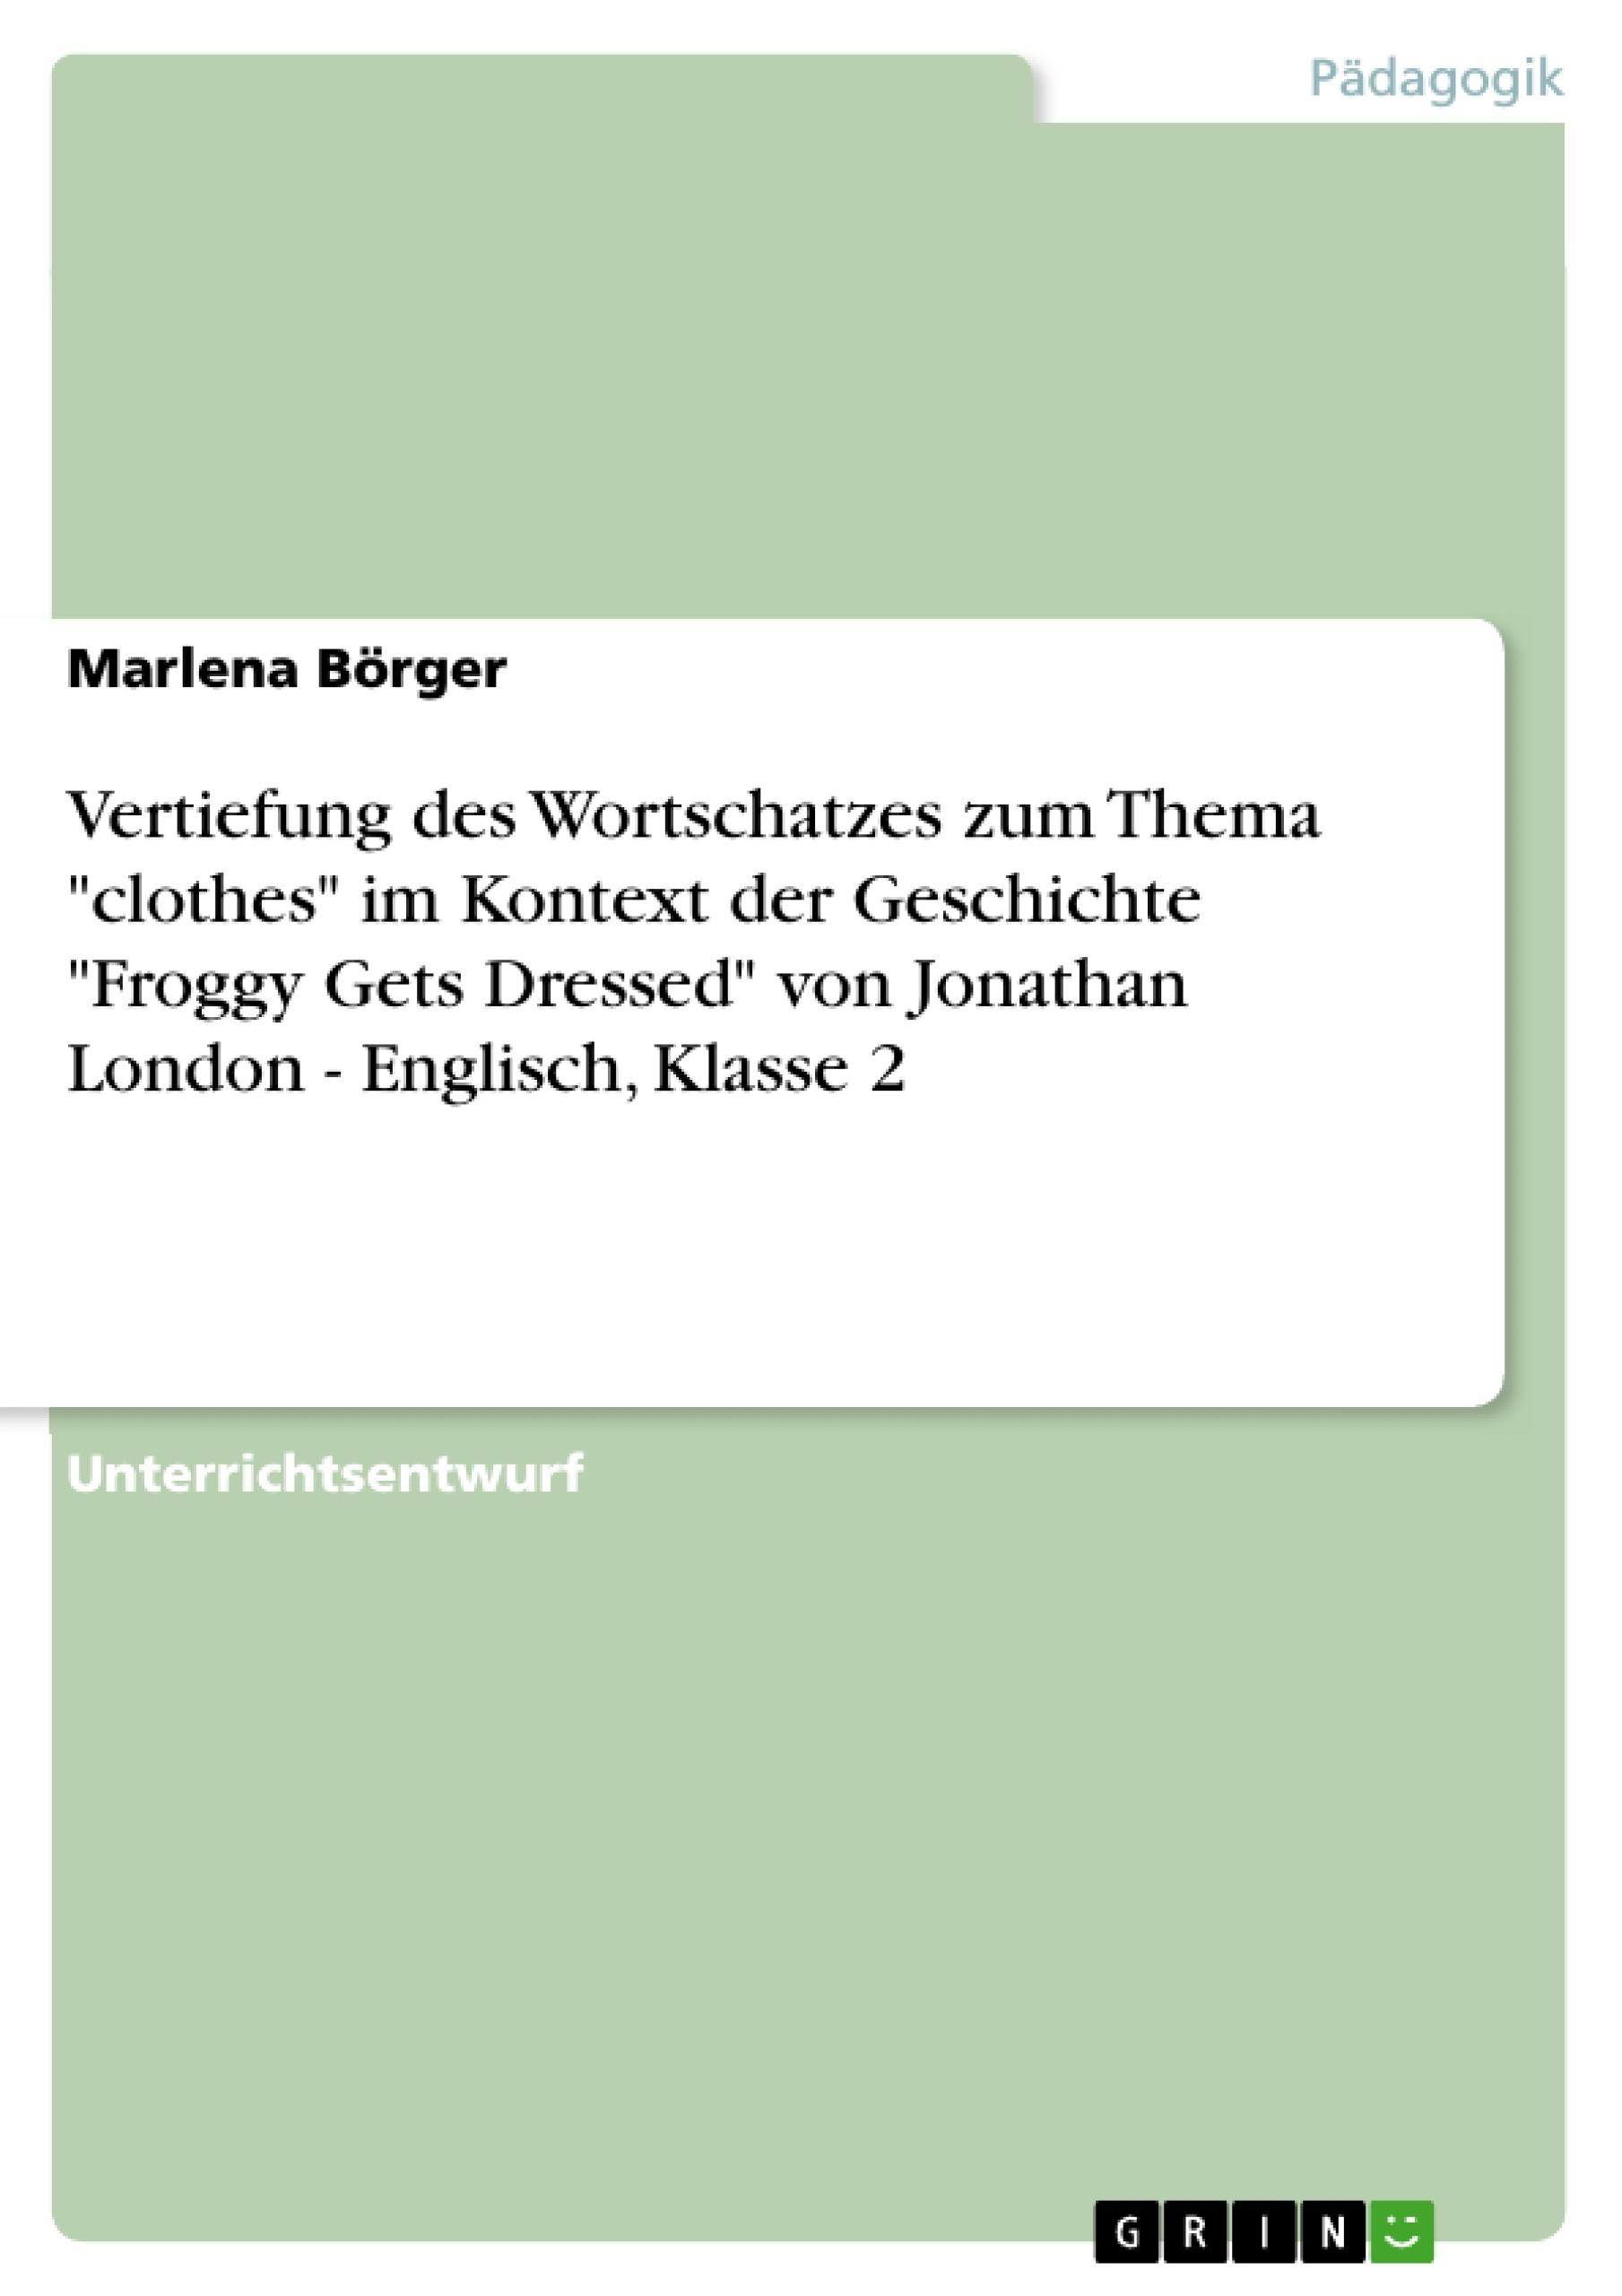 """Titel: Vertiefung des Wortschatzes zum Thema """"clothes"""" im Kontext der Geschichte """"Froggy Gets Dressed"""" von Jonathan London - Englisch, Klasse 2"""